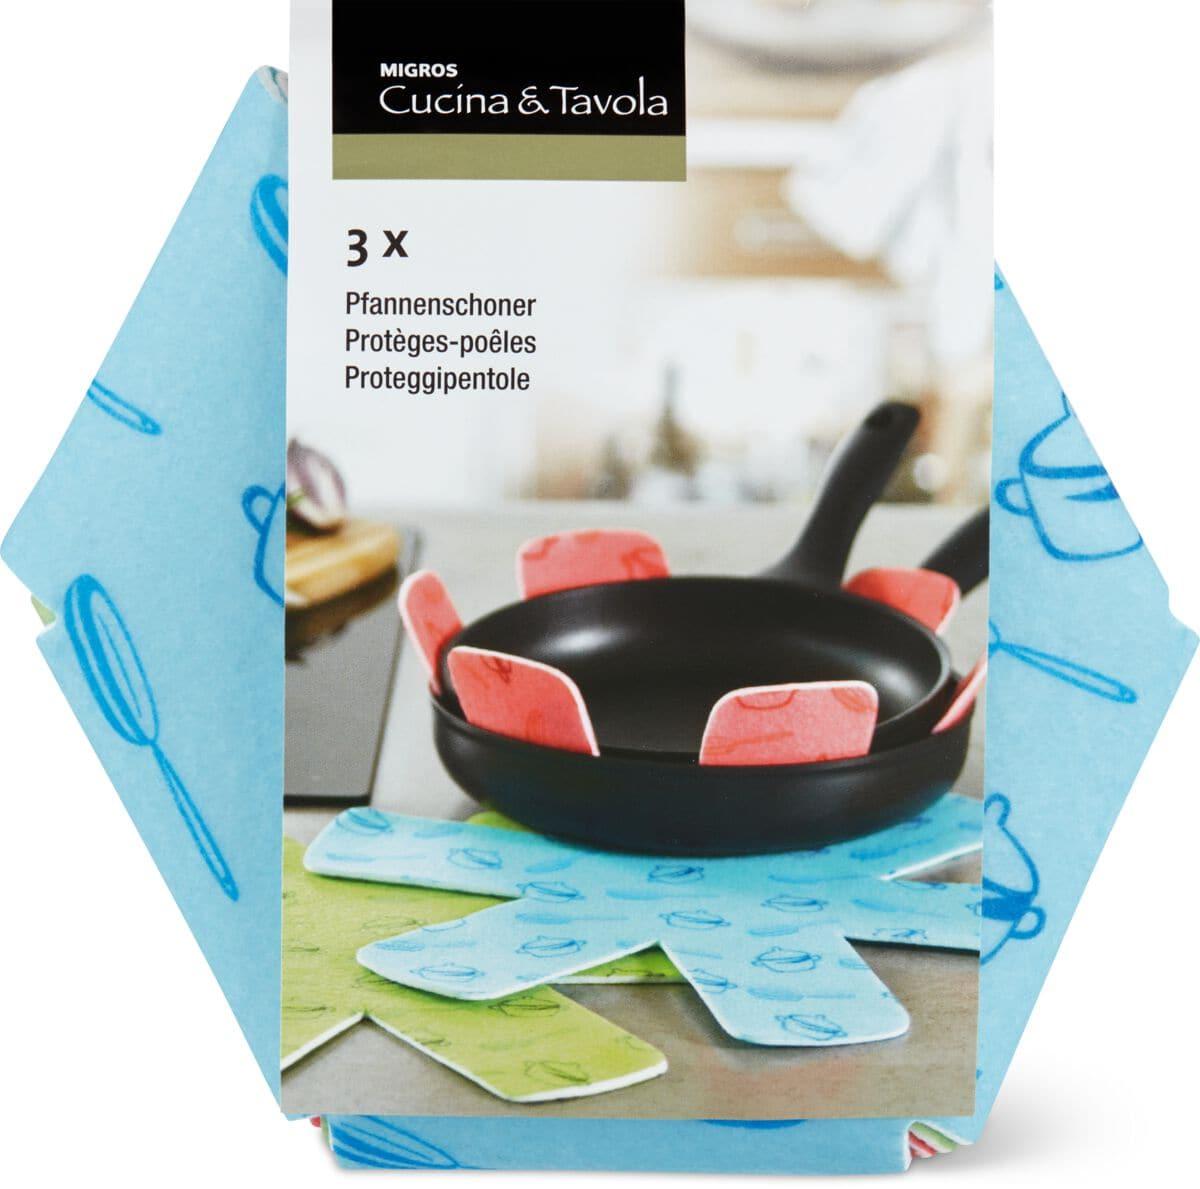 Cucina & Tavola Pfannenschoner